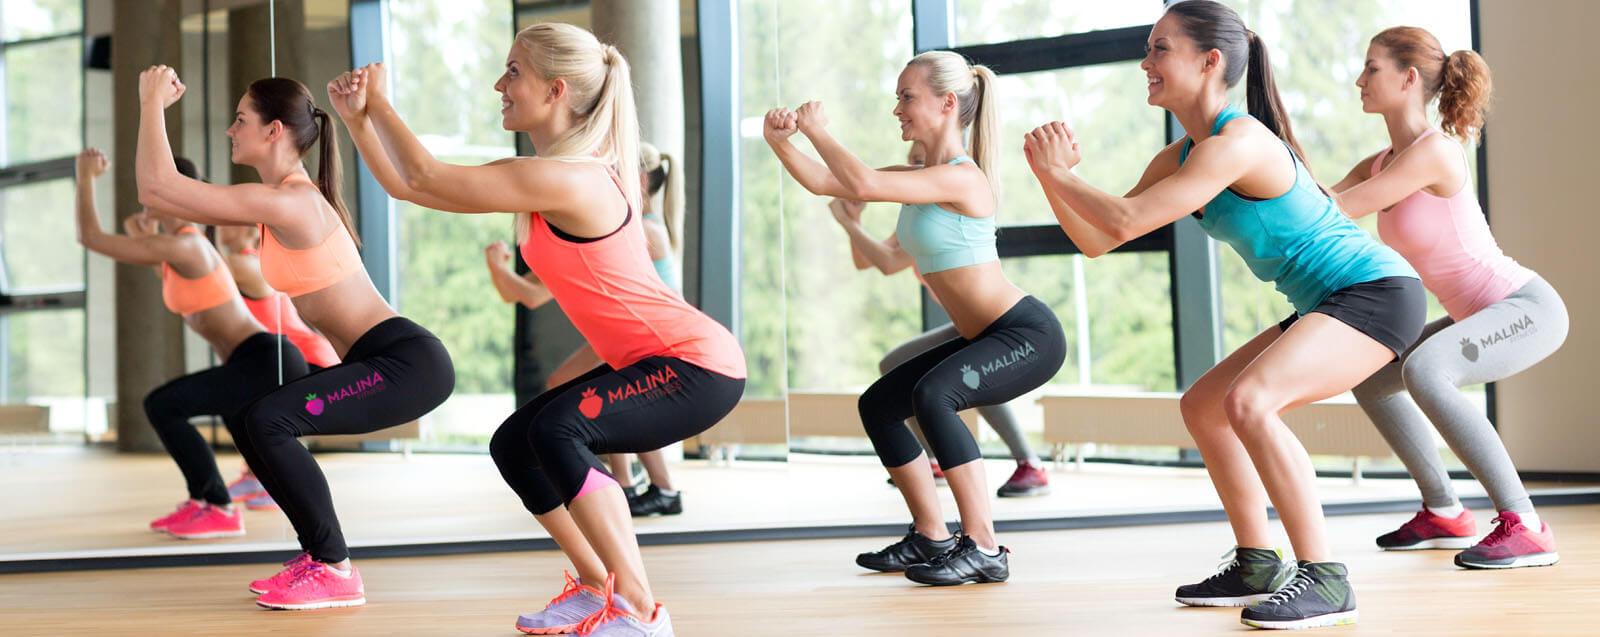 Шейпинг дома для похудения и укрепления мышц комплекс упражнений для начинающих